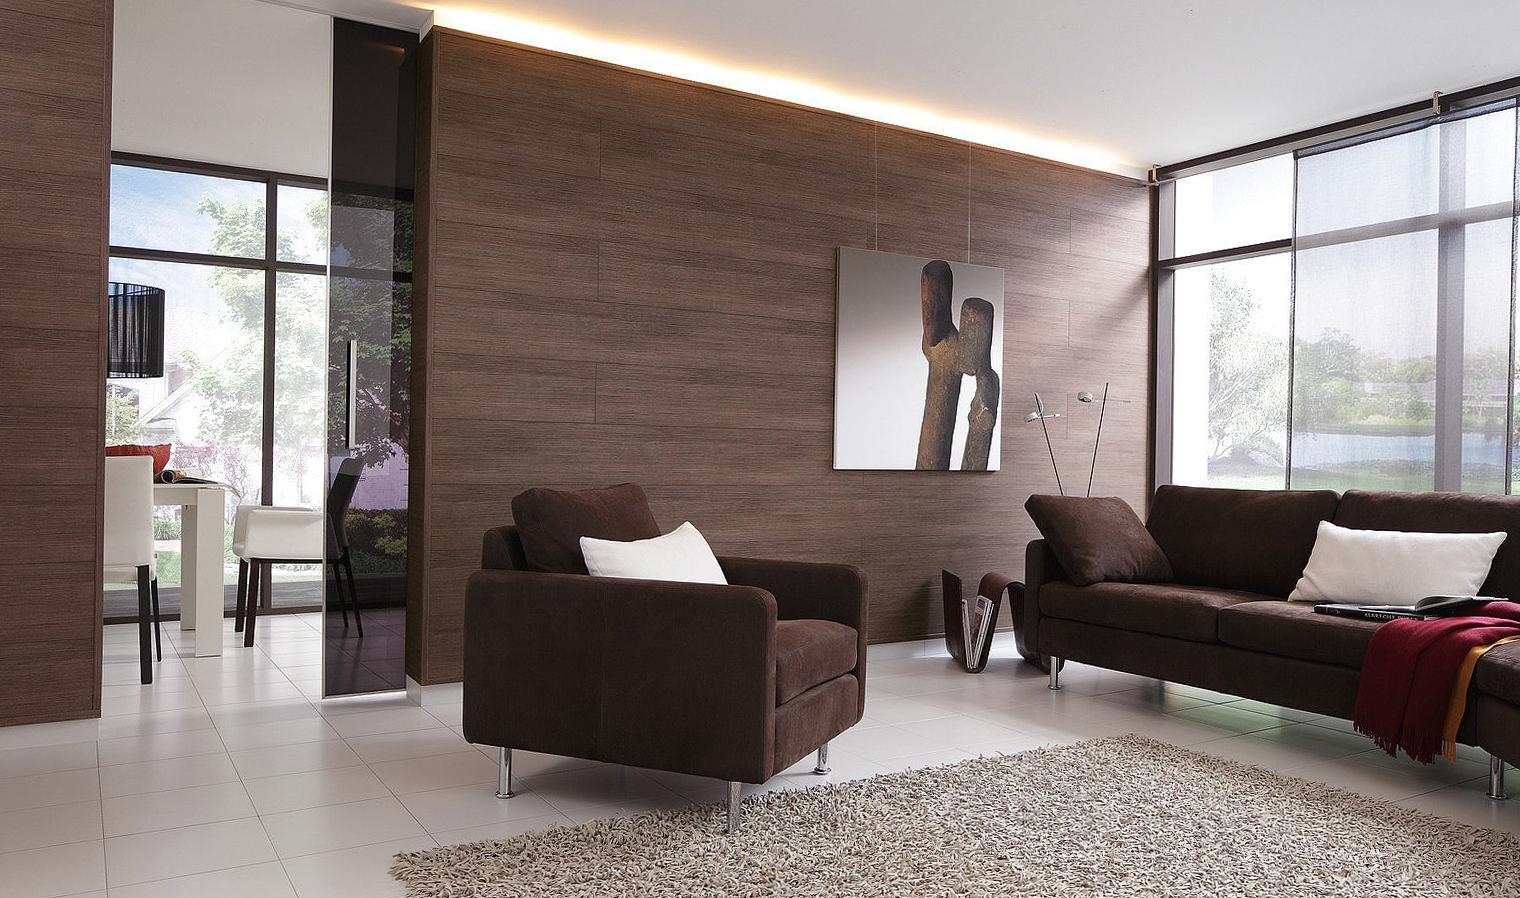 Ламинат на стене — стильное решение в интерьере квартиры своими руками